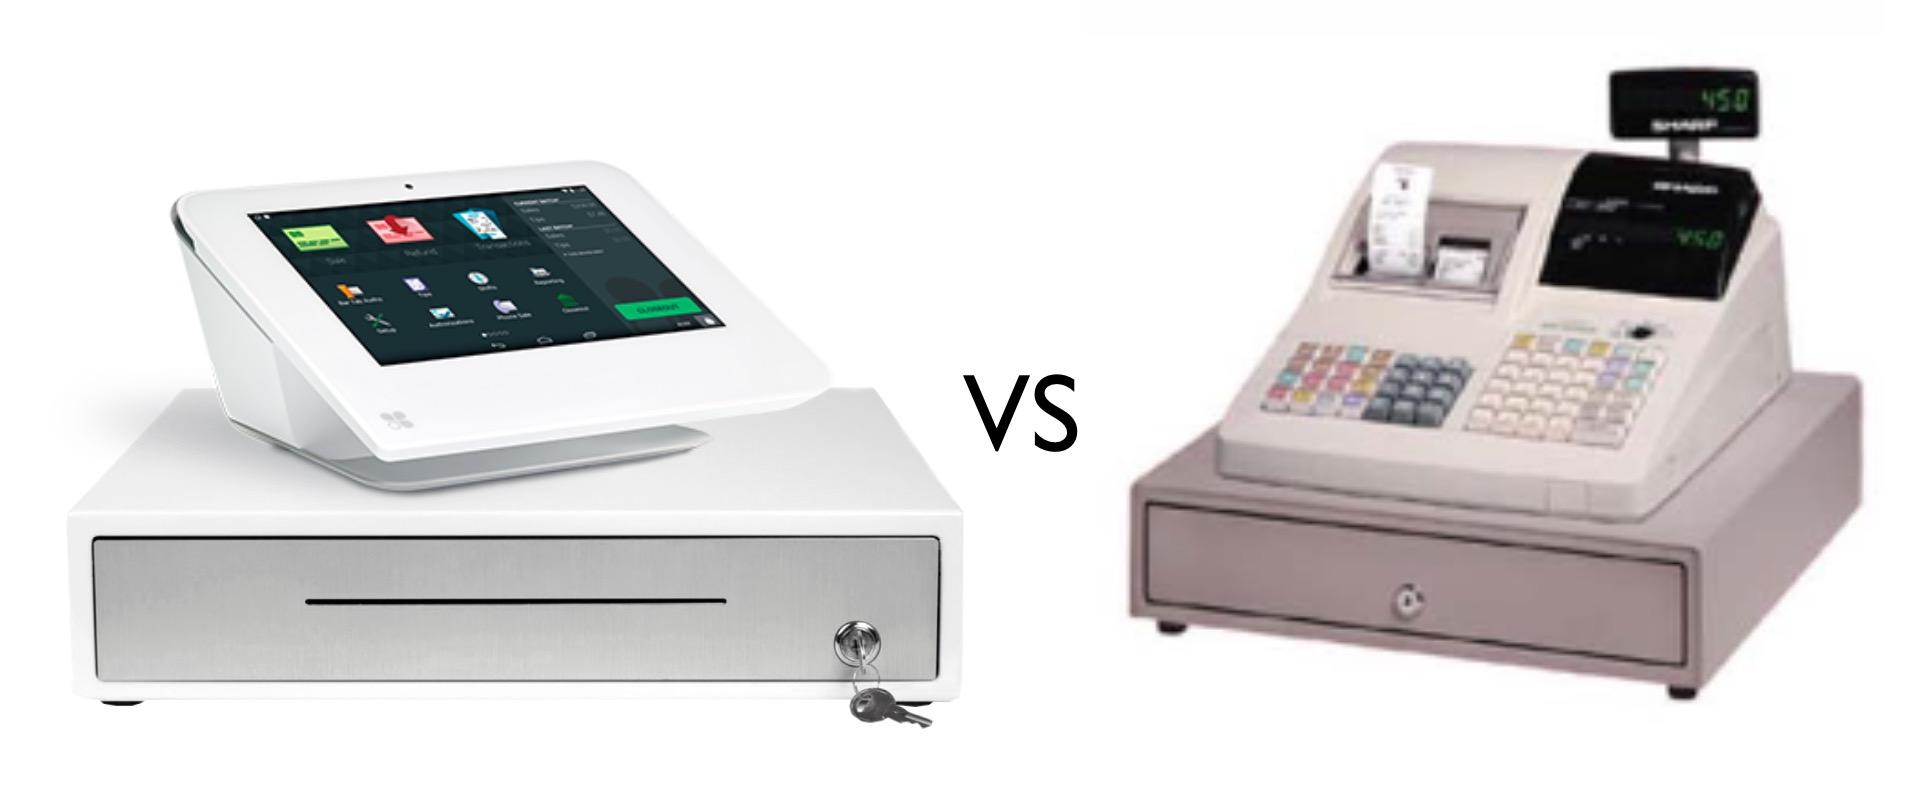 Clover Mini POS versus old looking registry